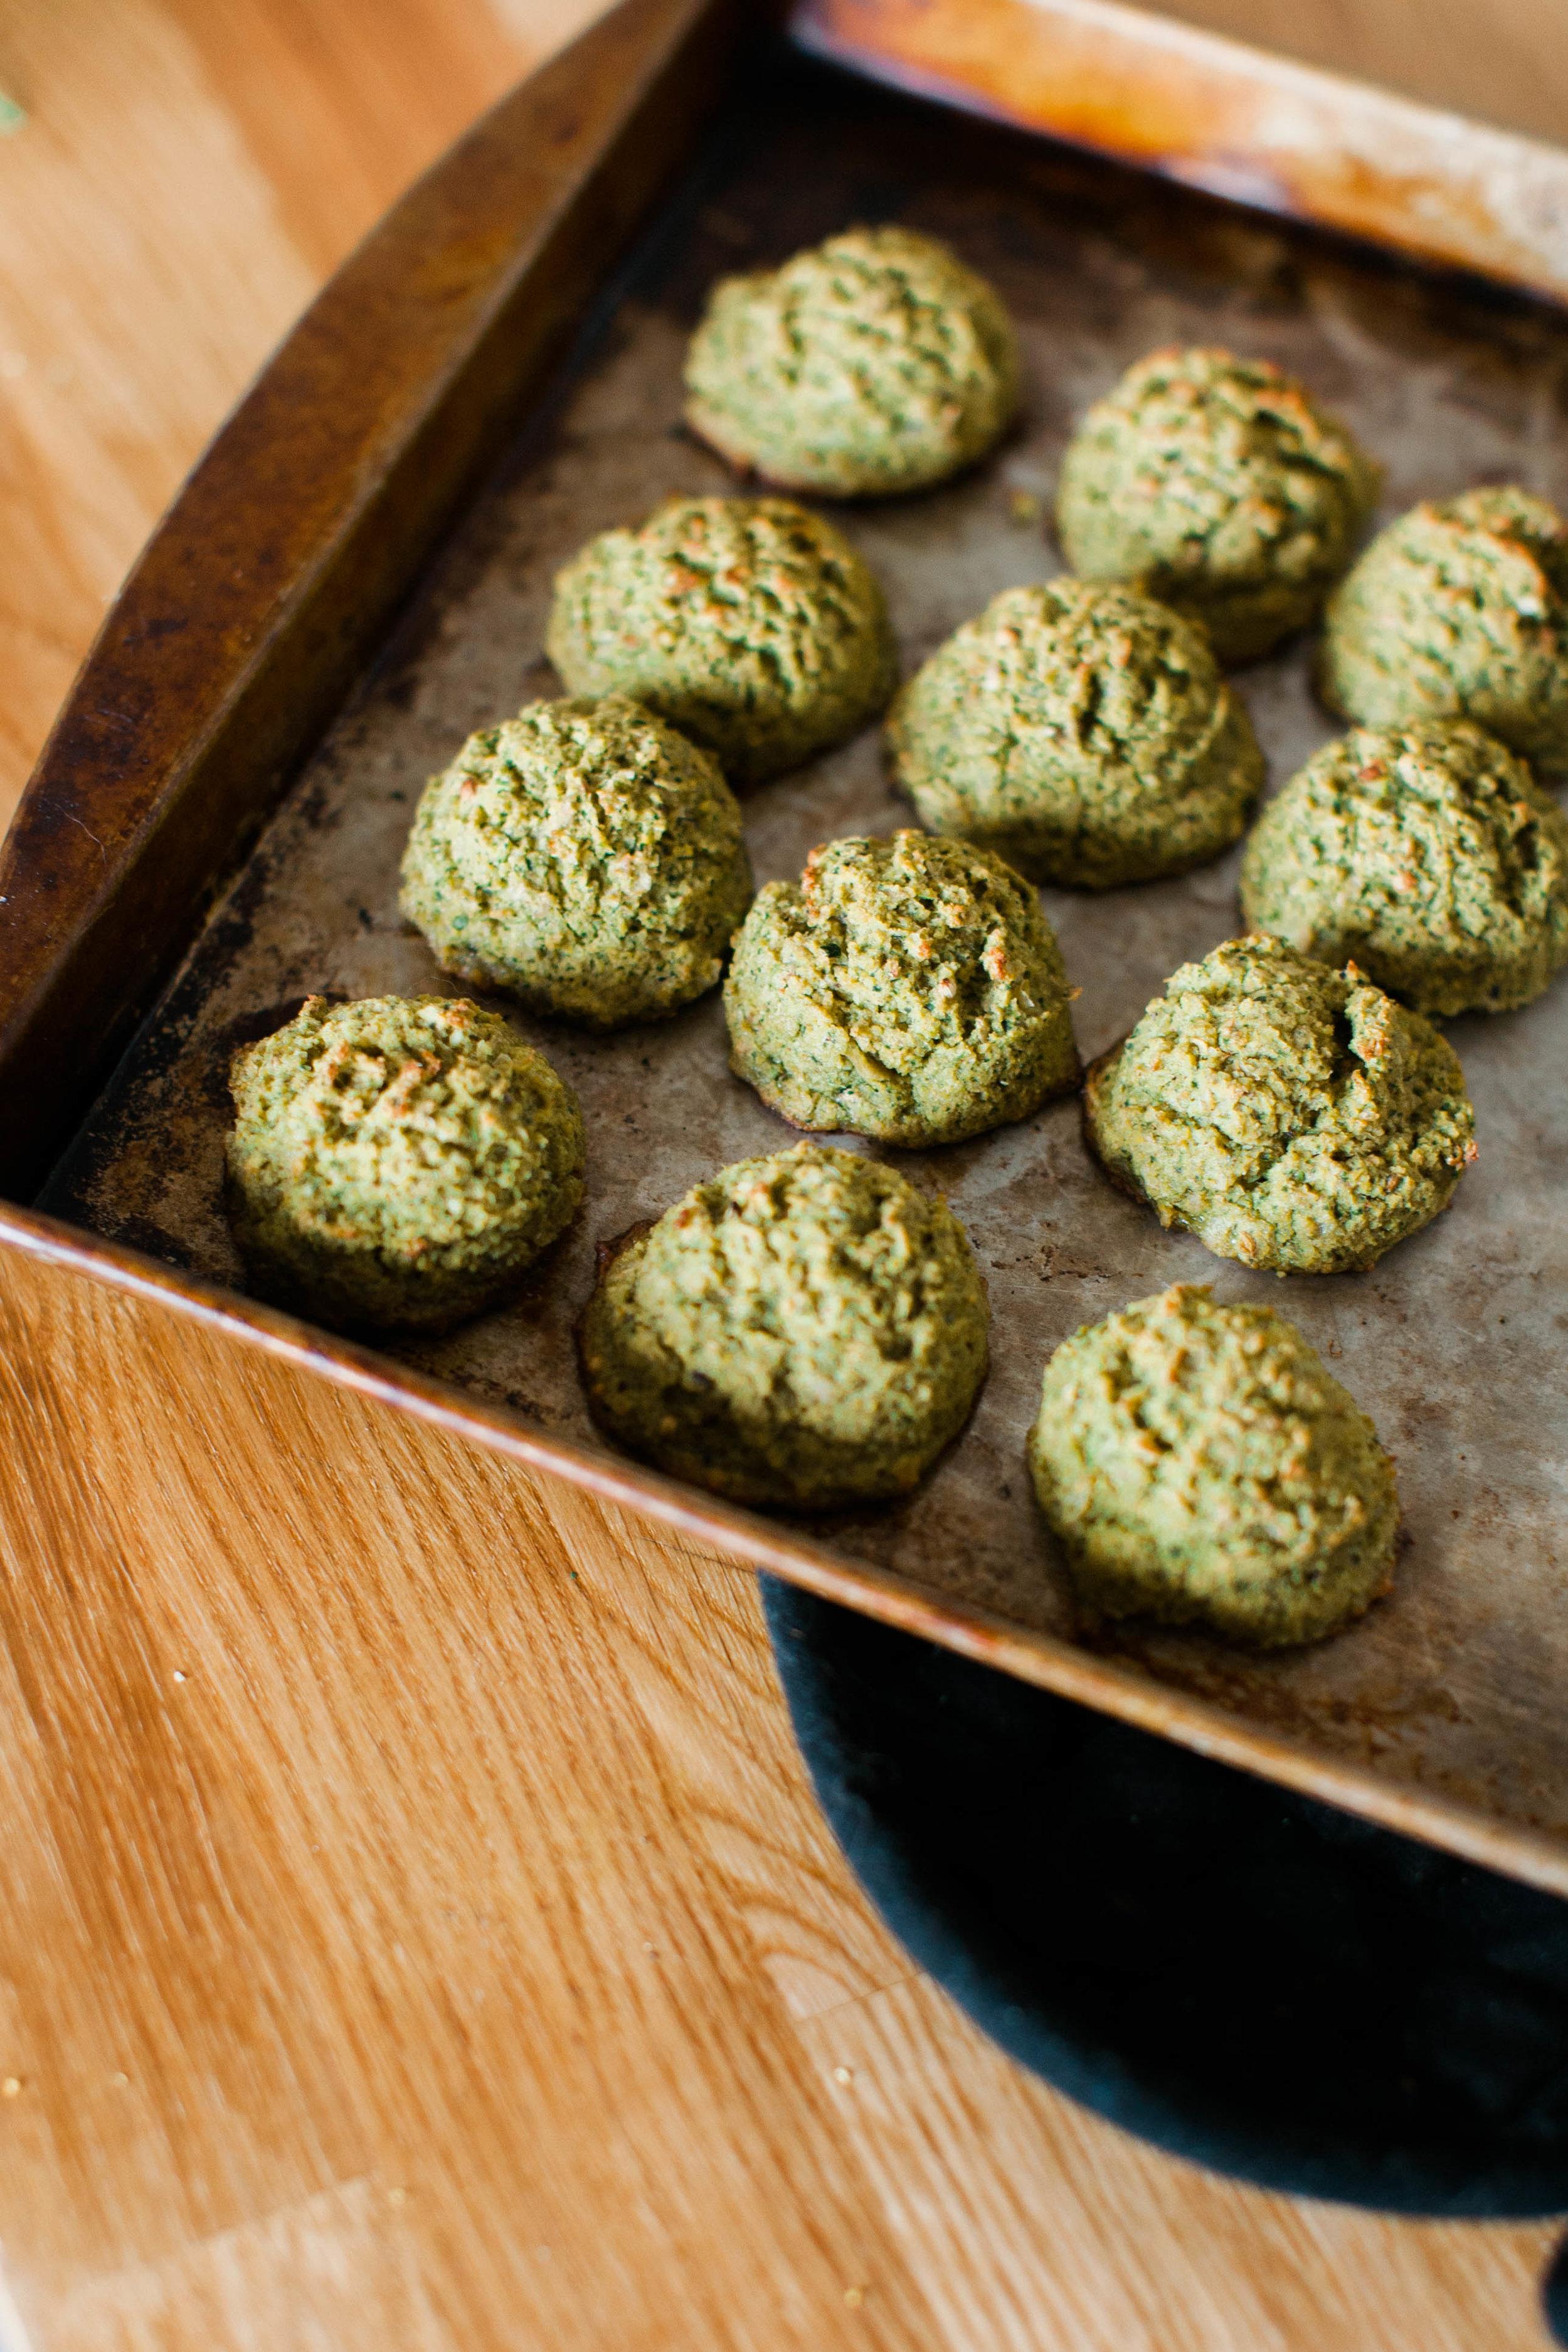 jennahazelphotoghy-falafel bowls-0852.jpg